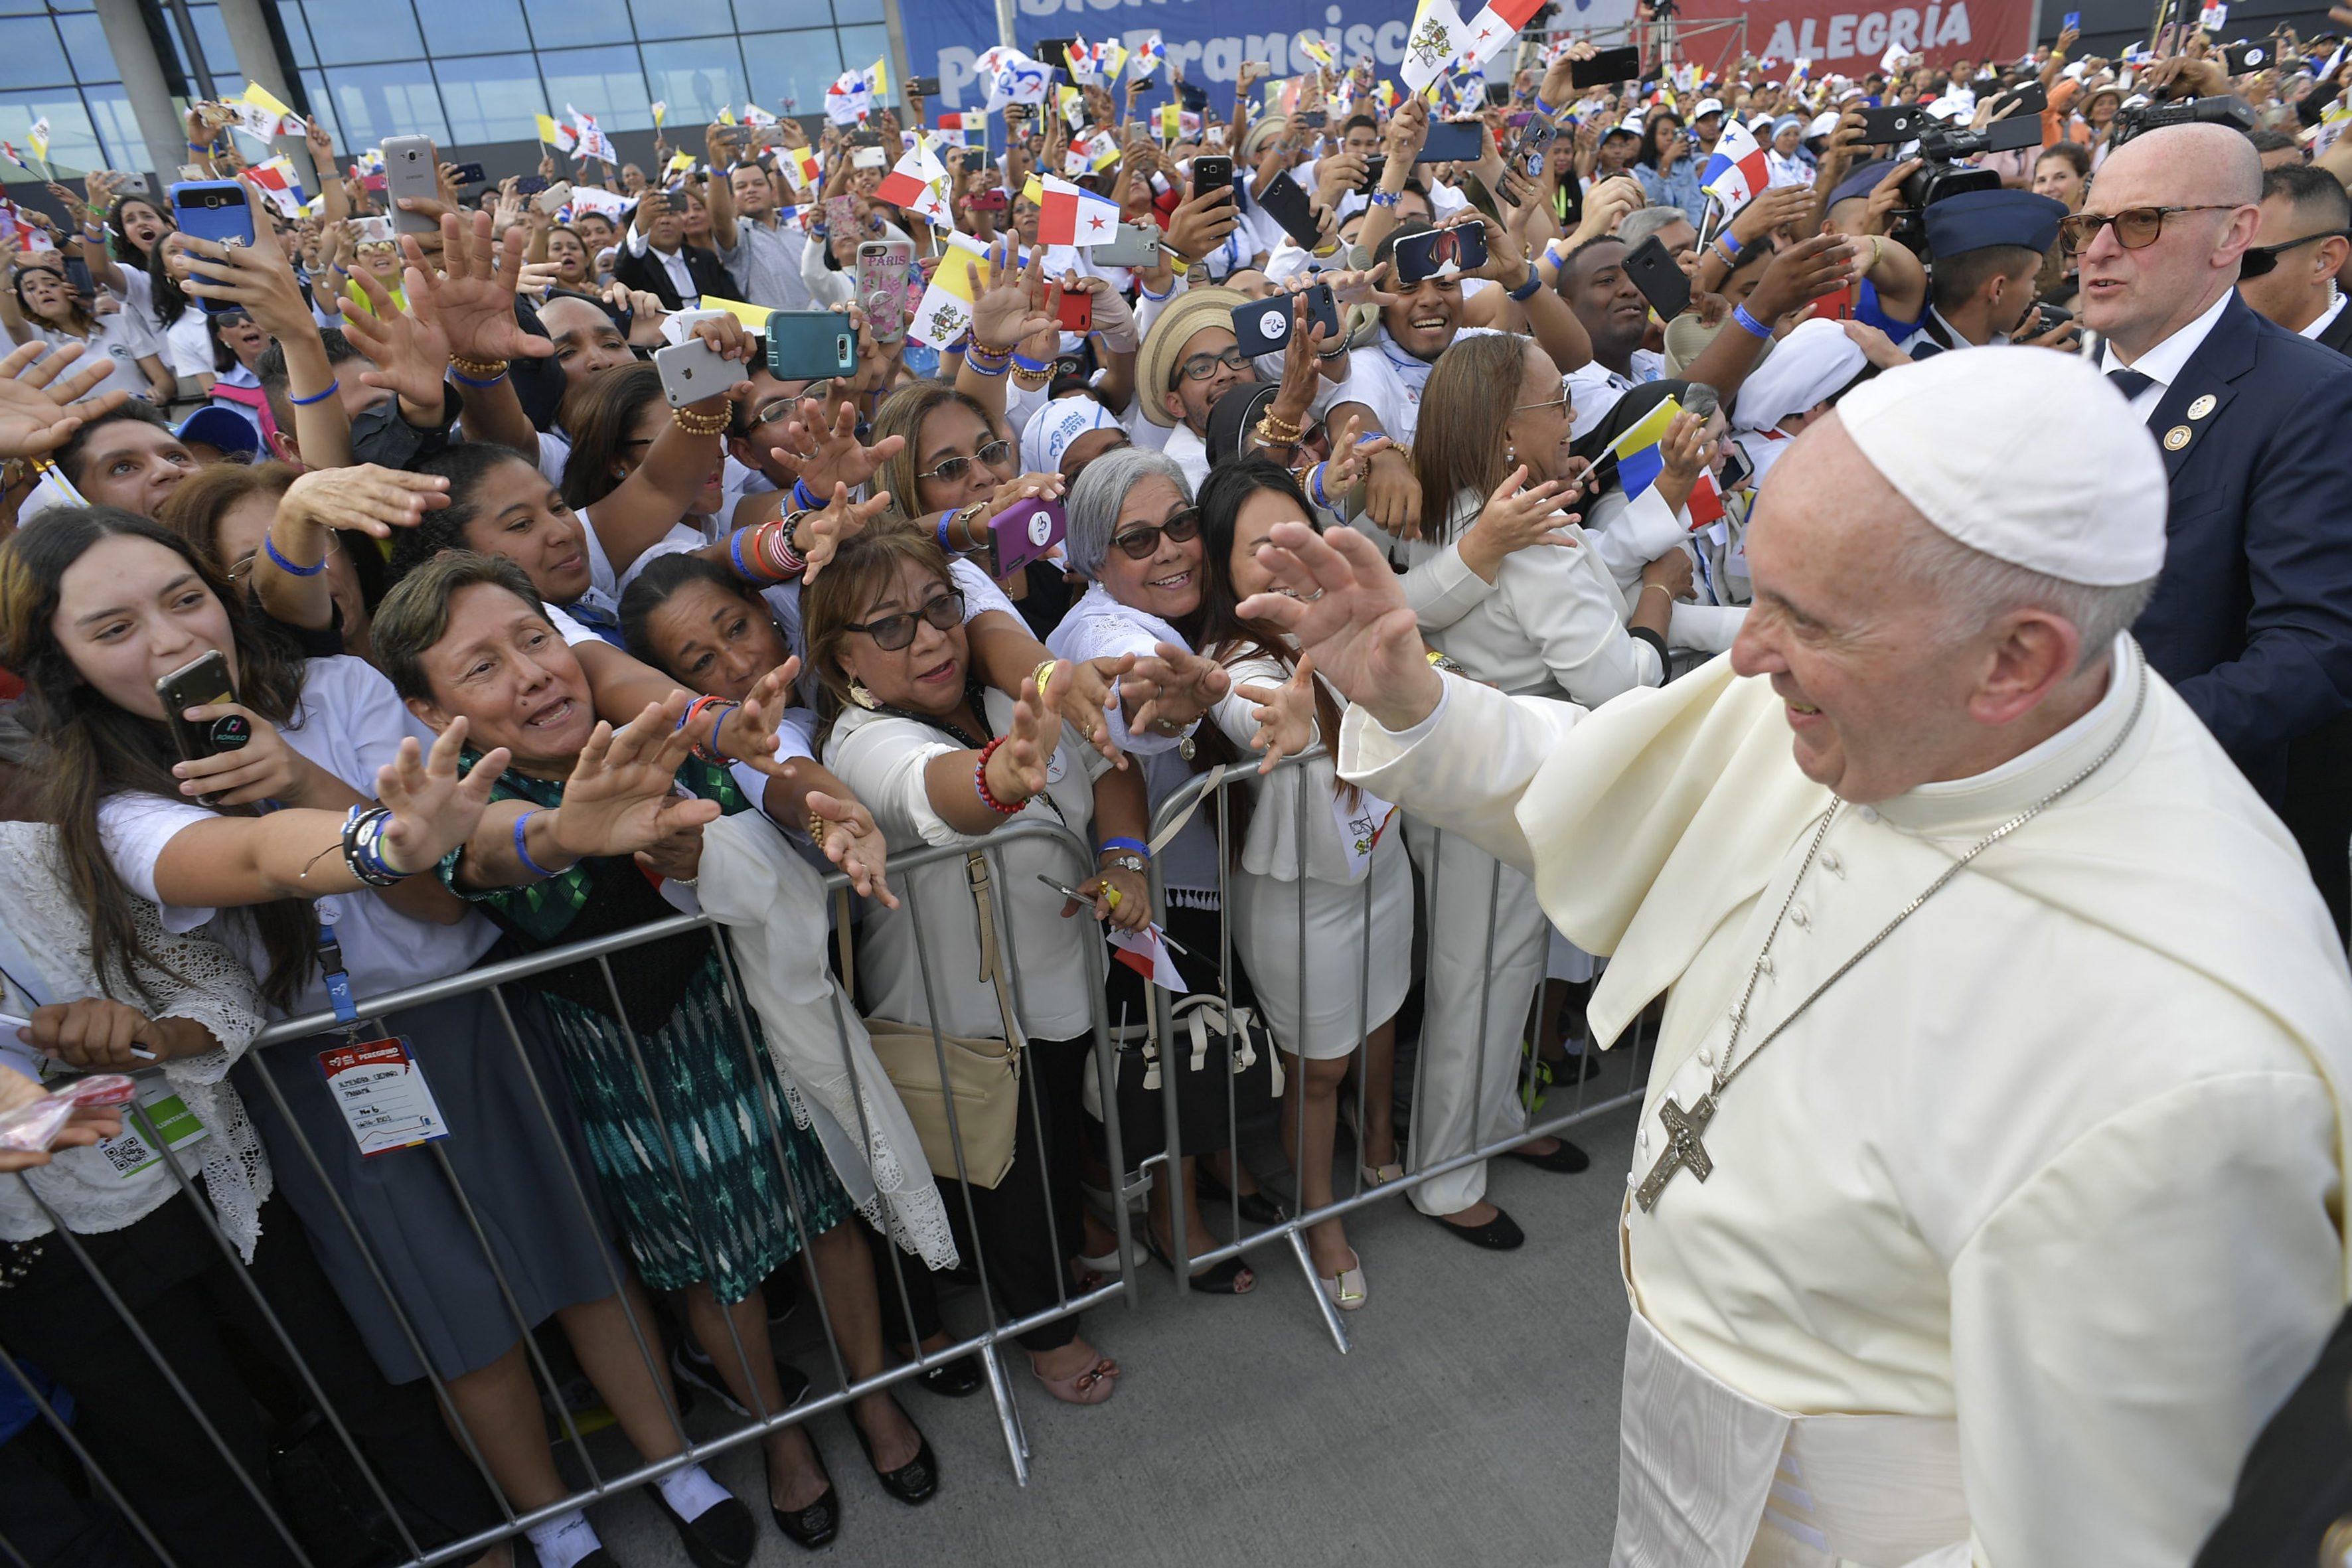 El Papa se acerca a los fieles presentes en el Aeropuerto de Tocumen, en Panamá © Vatican Media